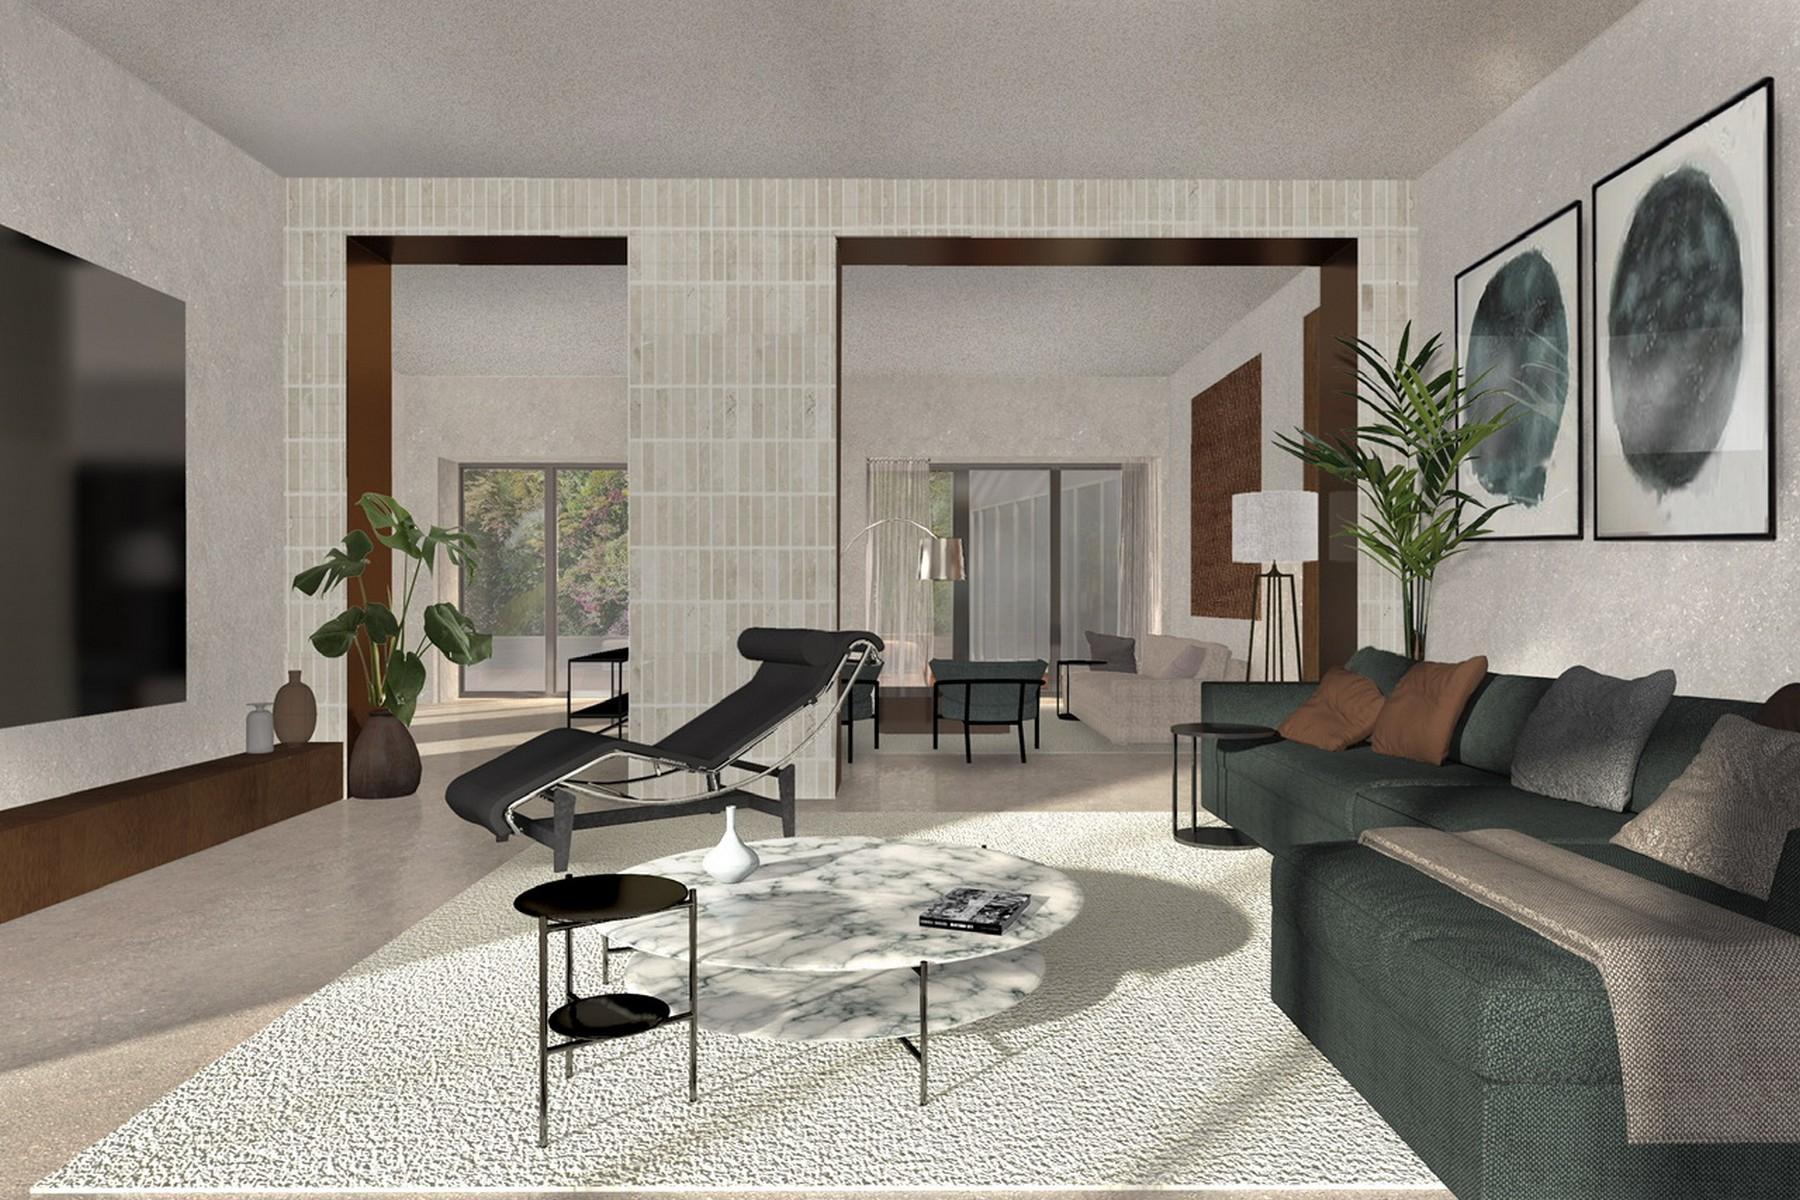 Elegante proprietà semi indipendente di ampia metratura con giardino privato - 4